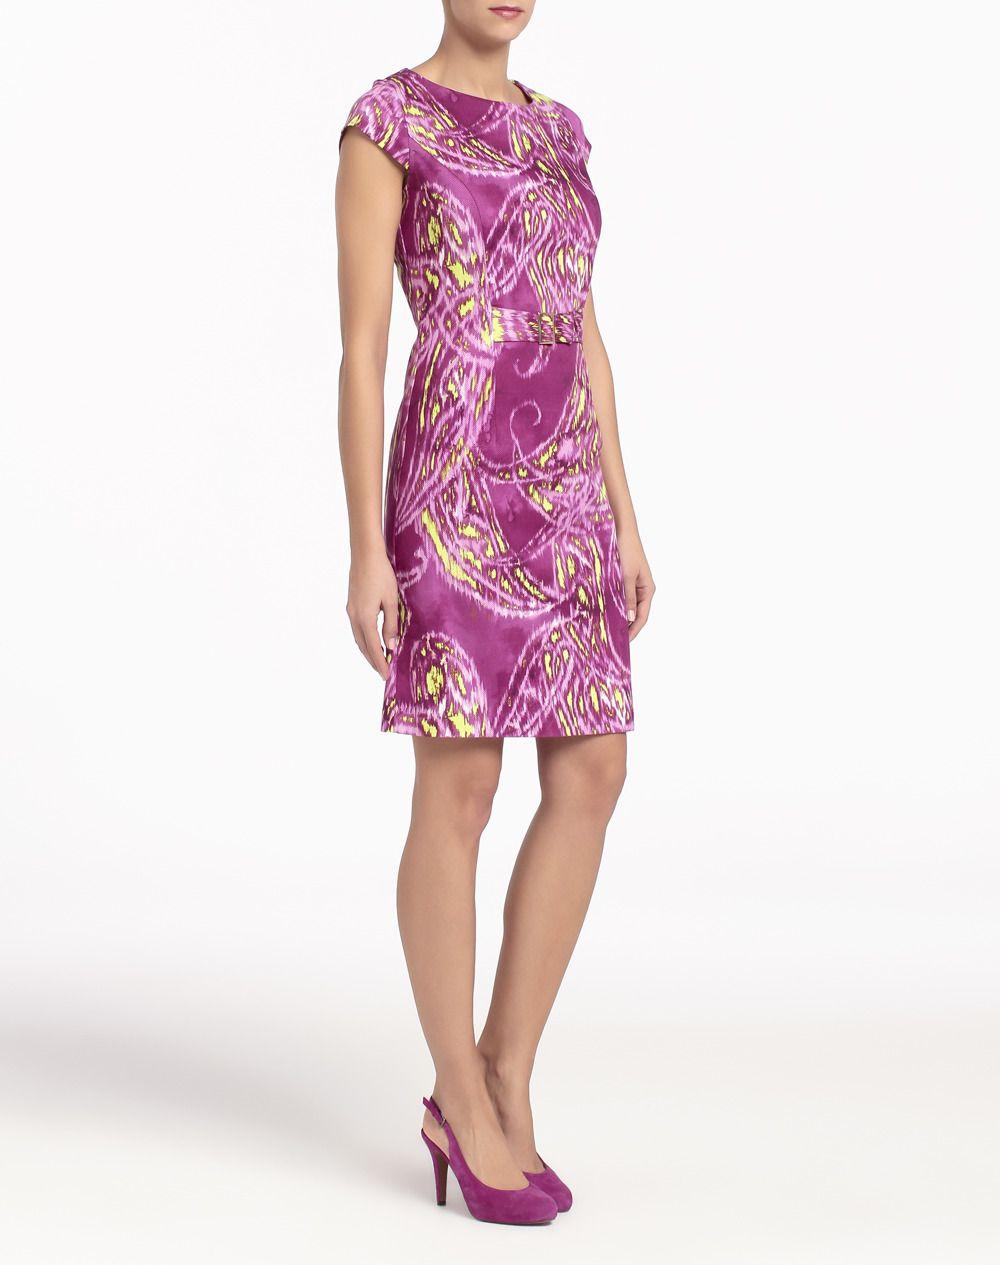 Vestido Antea - Mujer - Vestidos - El Corte Inglés - Moda